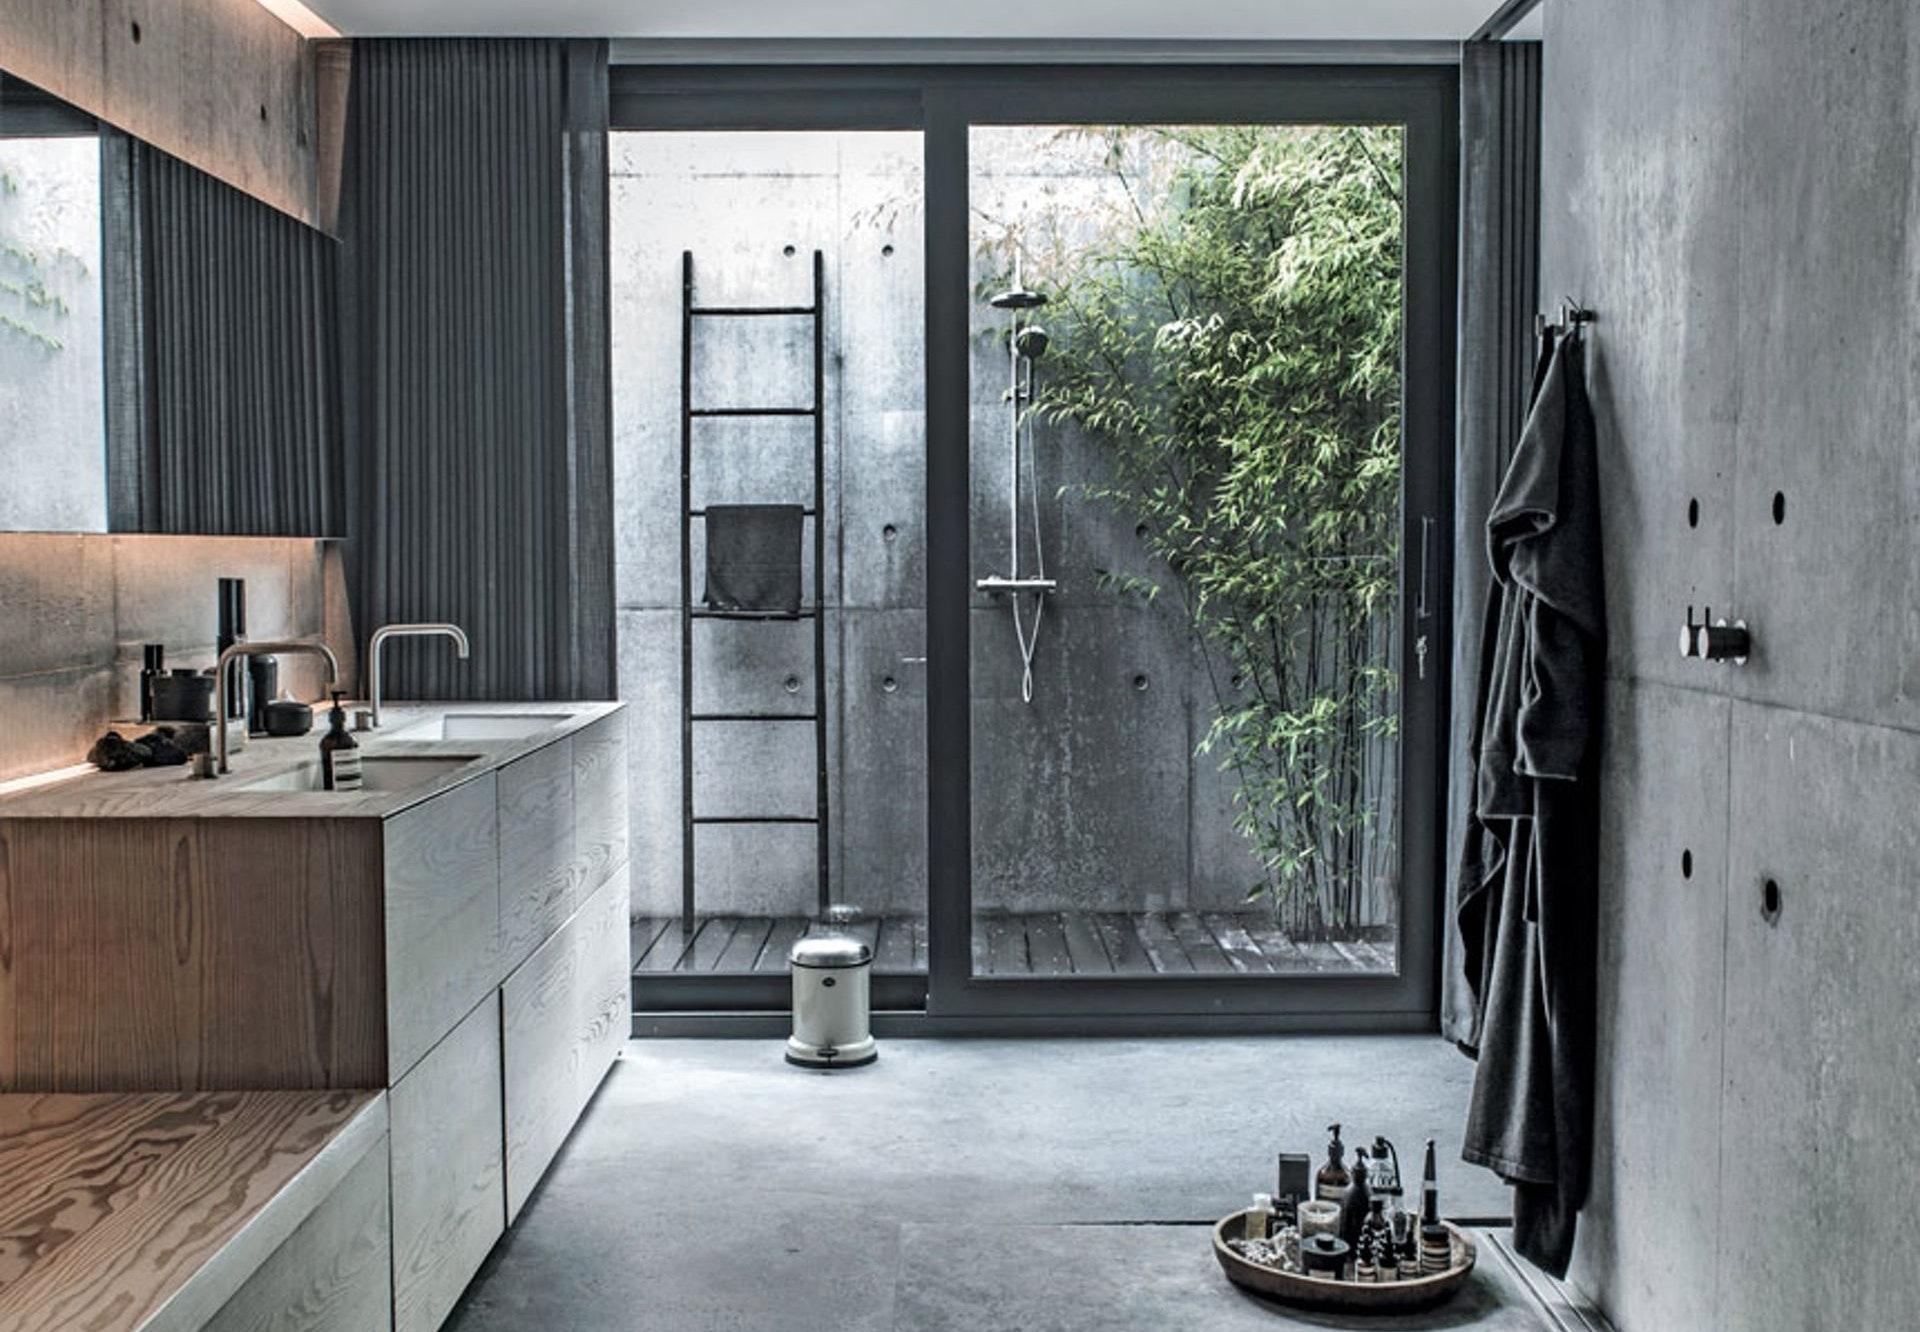 badeværelse i grå nuancer med udendørs bruseniche